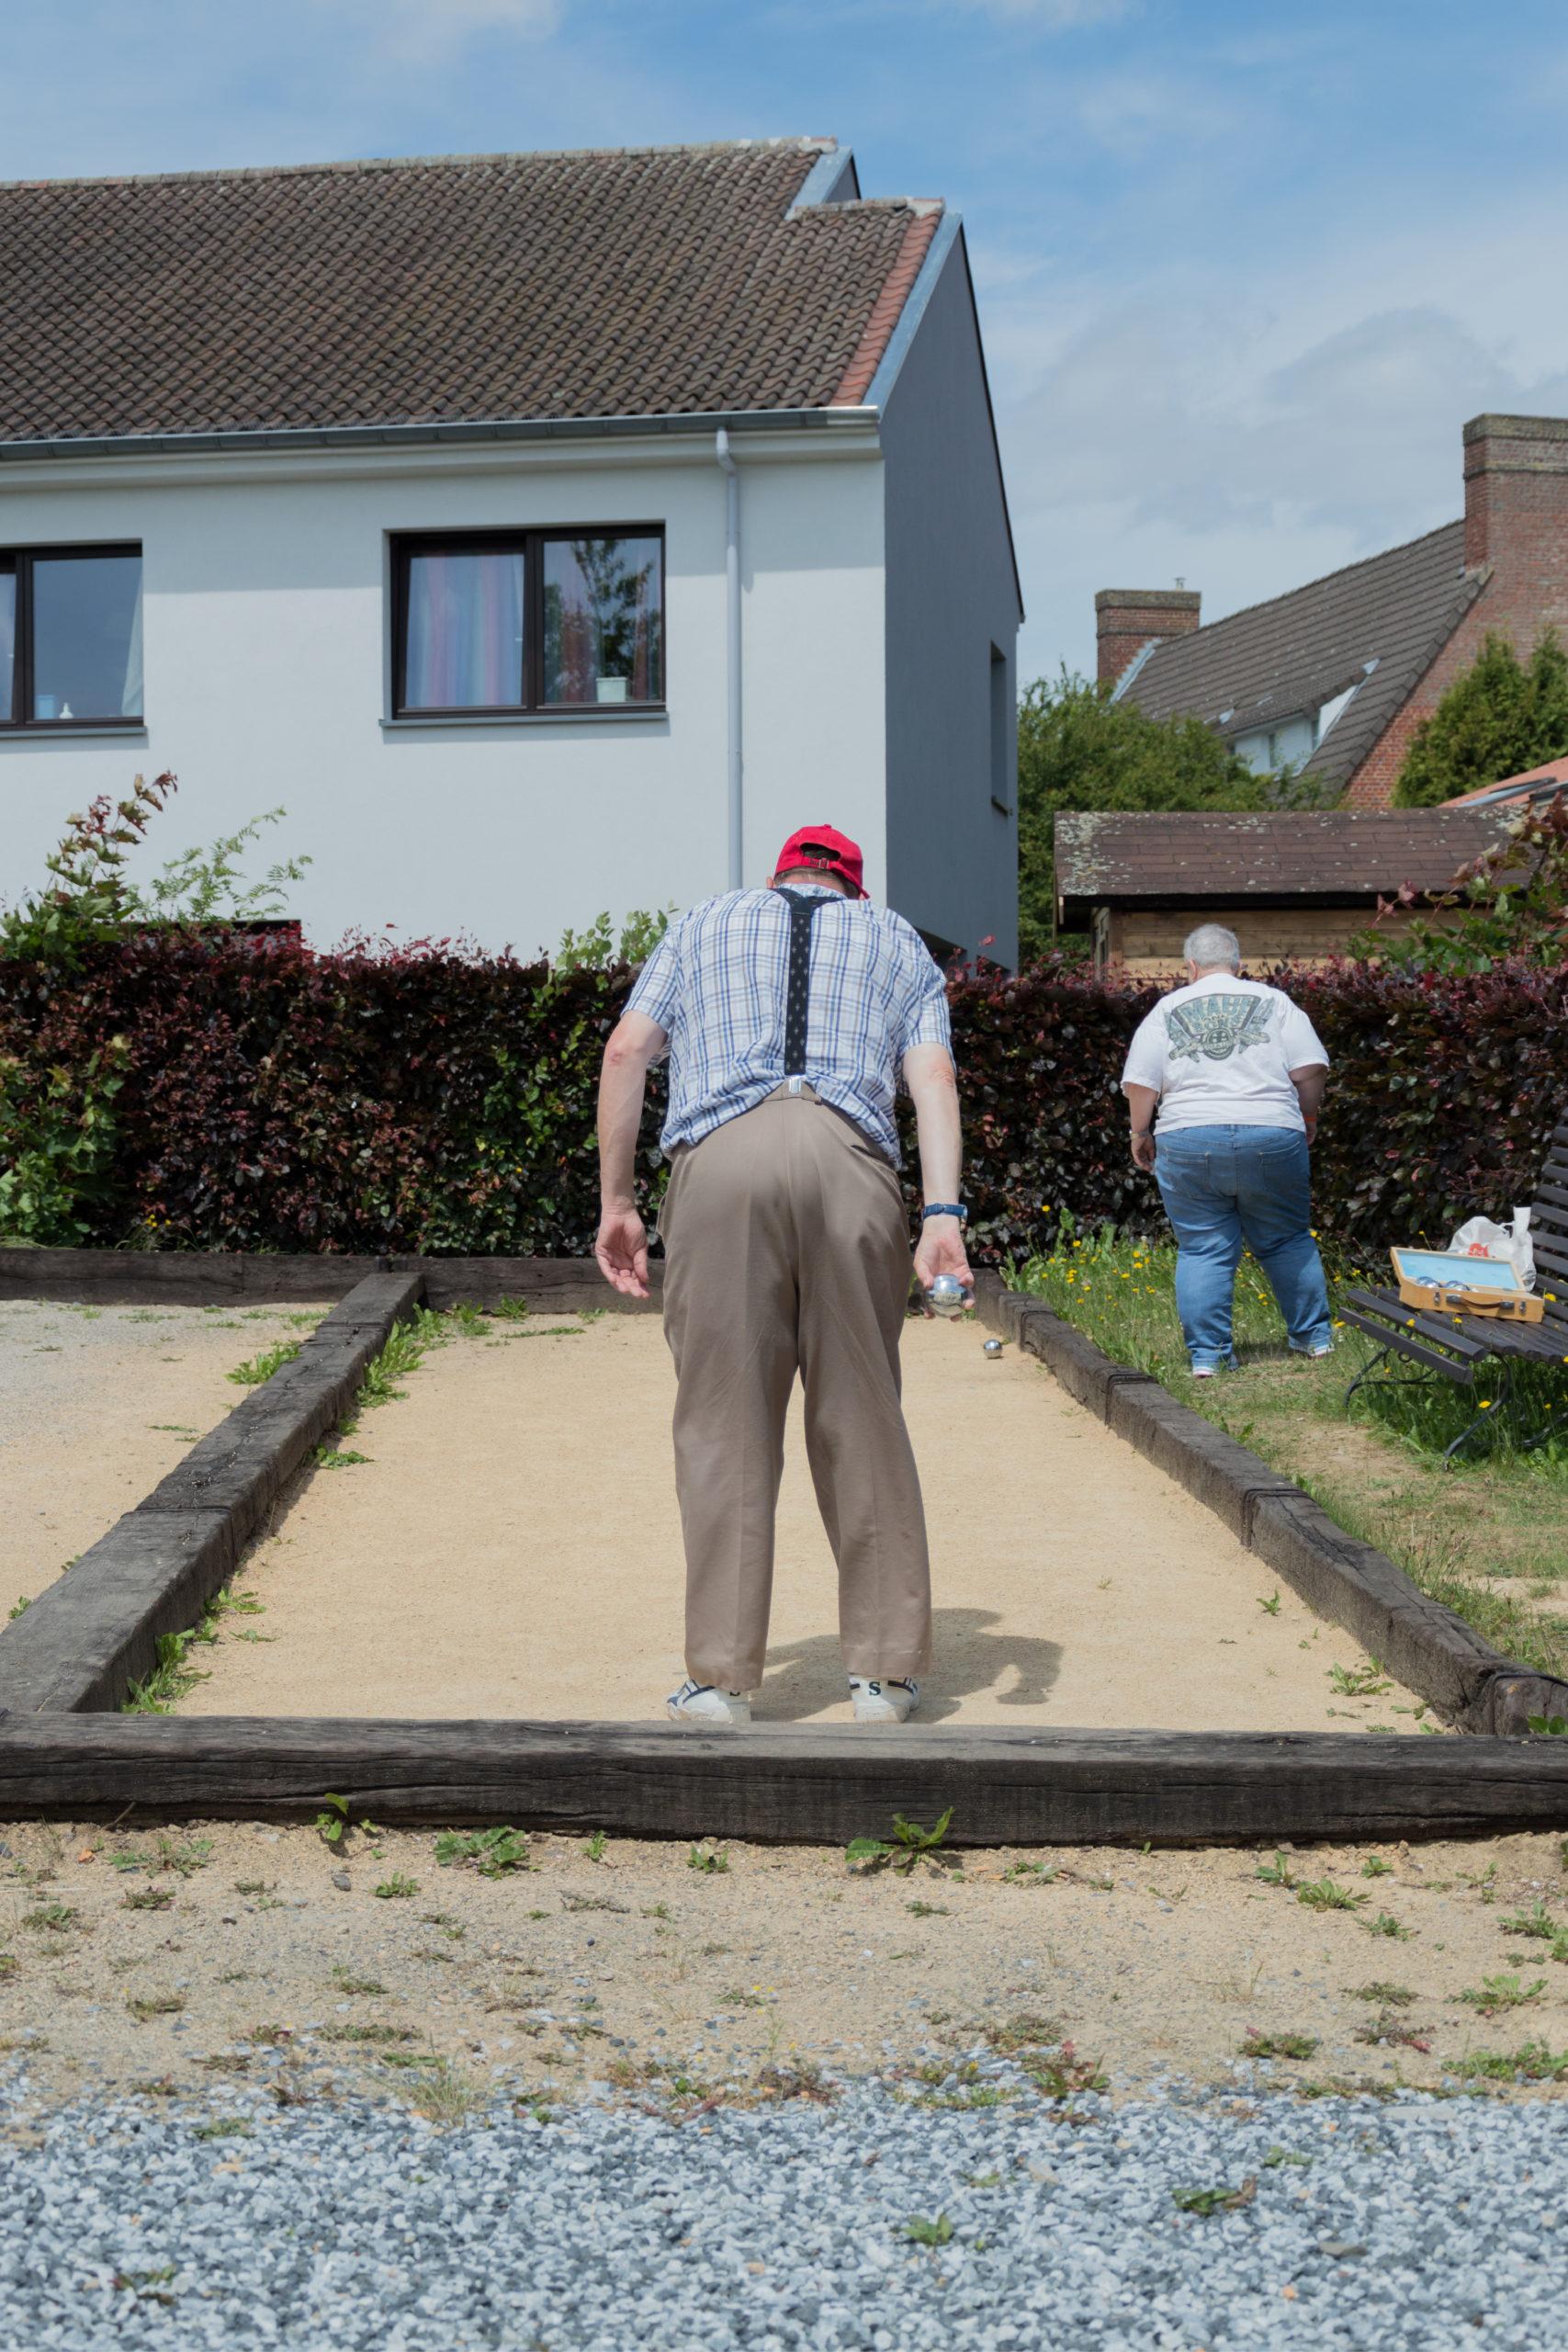 Personne handicapée de dos jouant à la pétanque sur un terrain de pétanque en extérieur